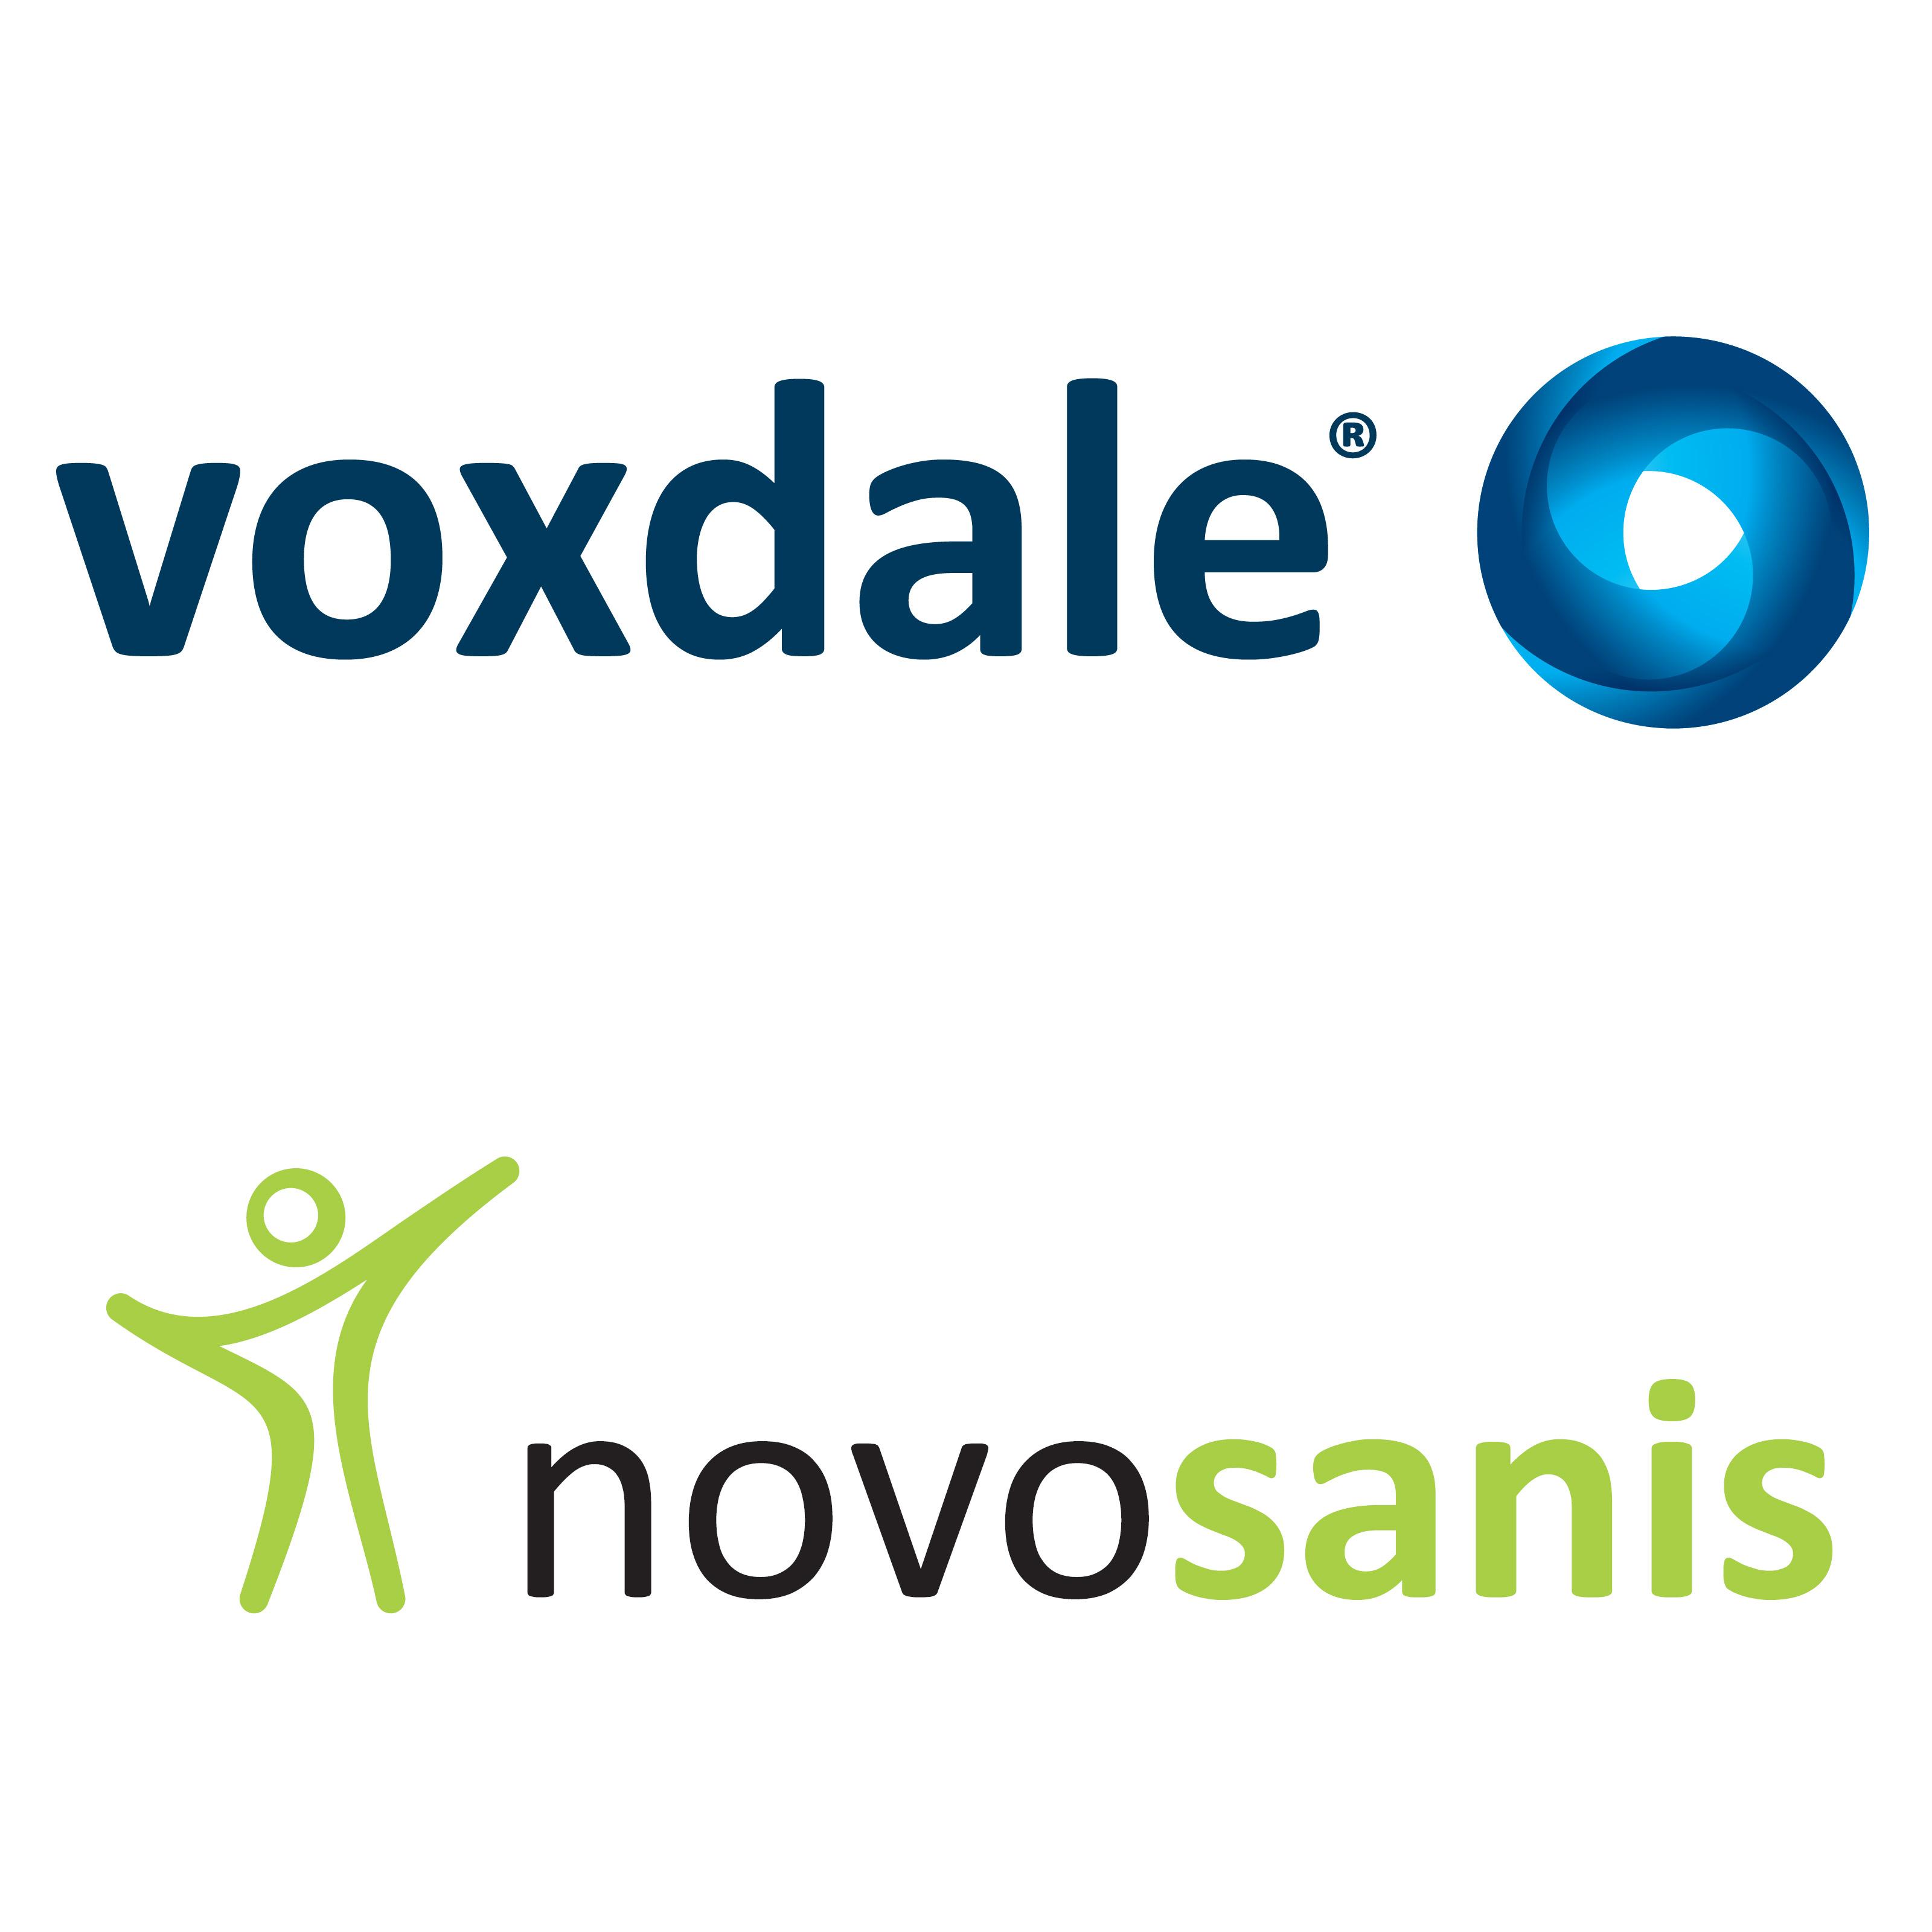 Voxdale_Novovsanis_Judo